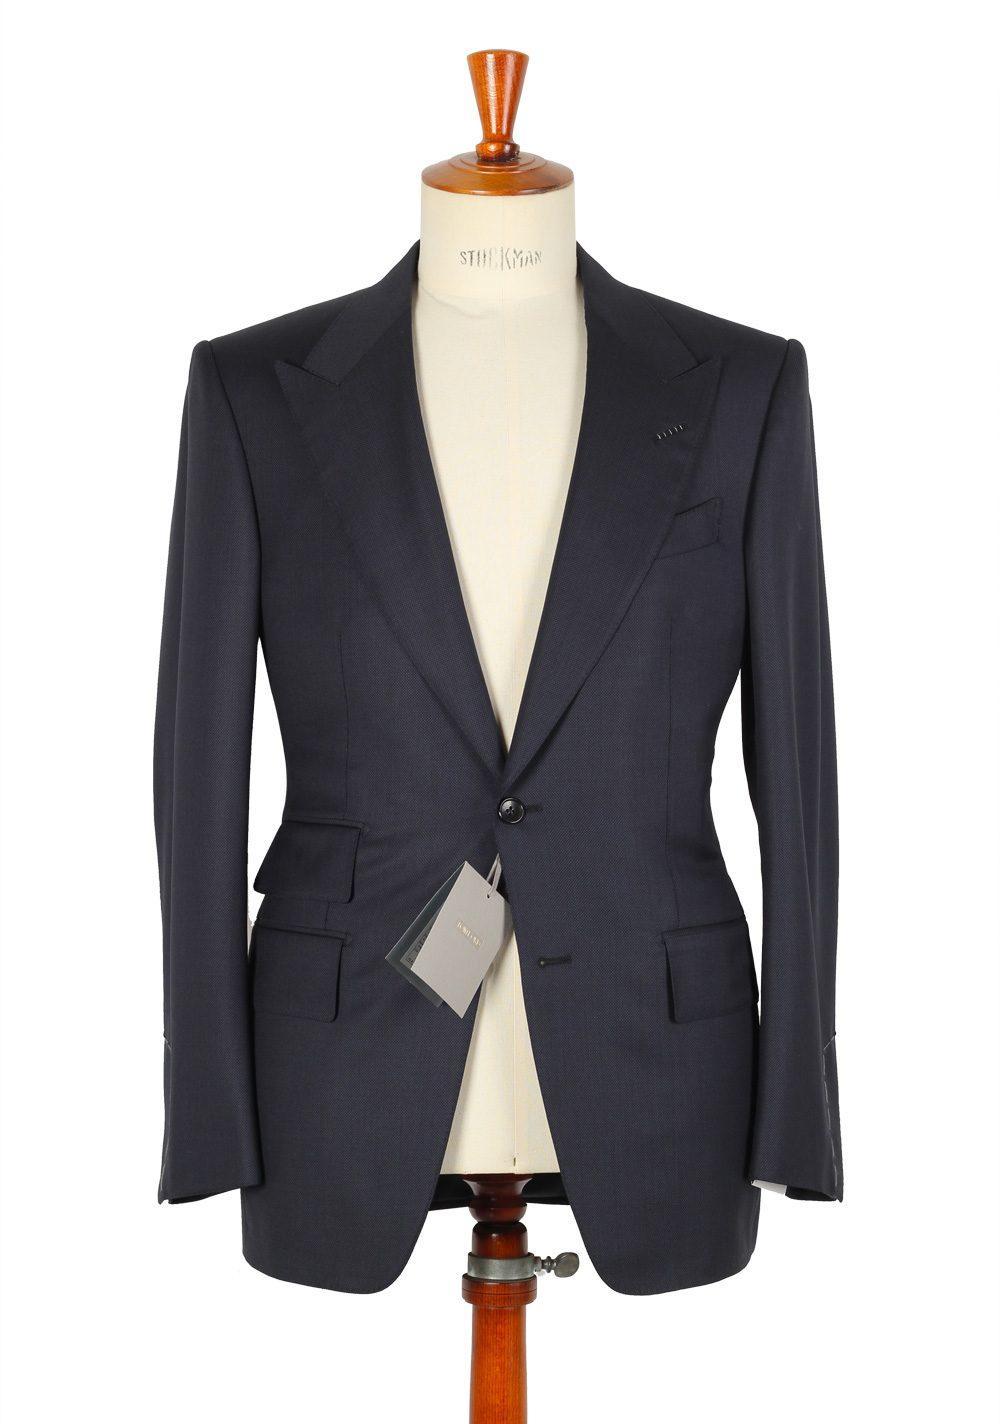 Tom Ford Windsor Birdseye Blue Suit Size 48 38r U S